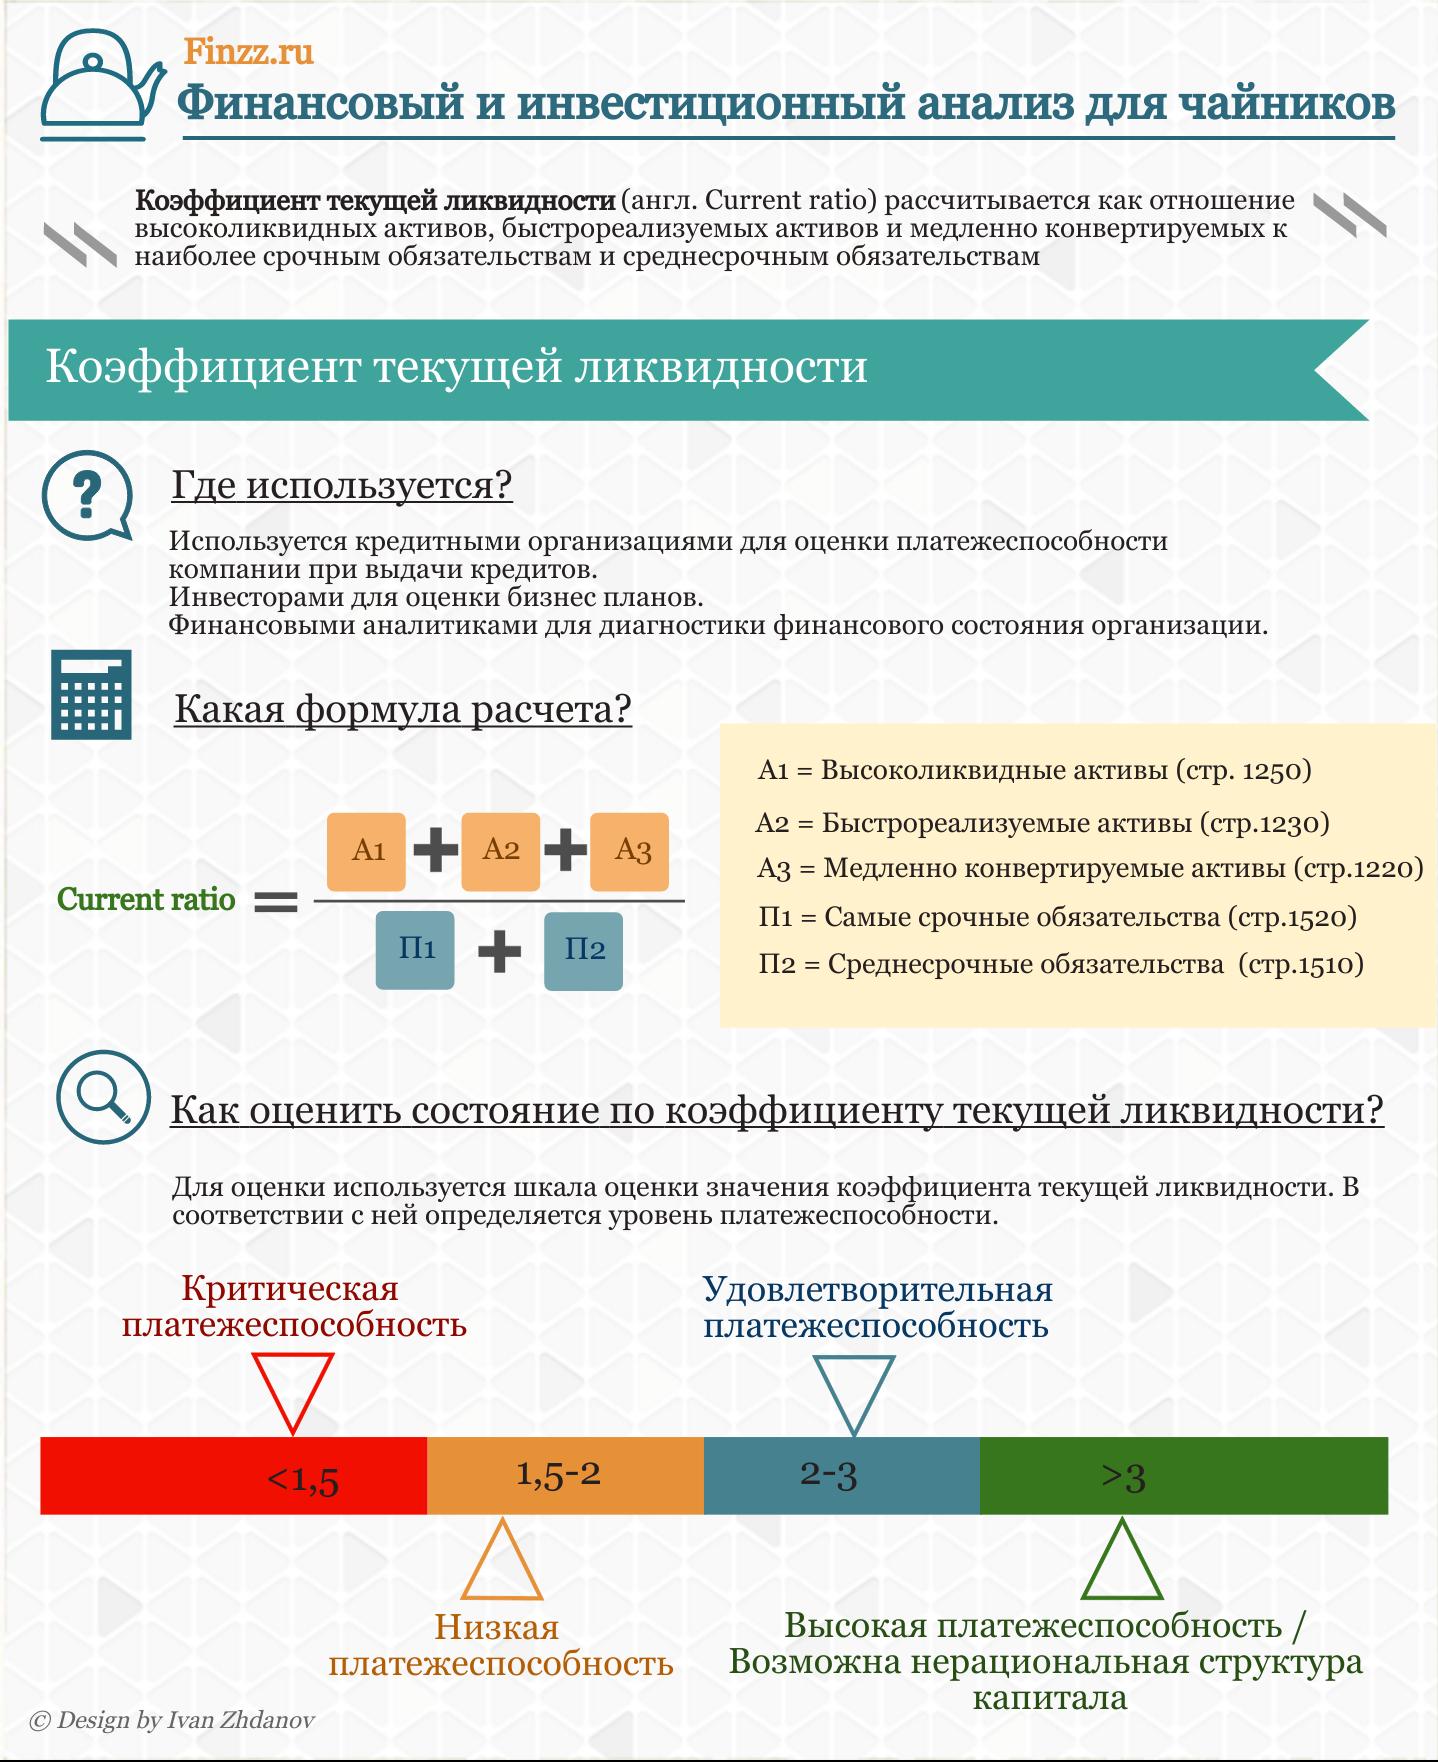 Коэффициент текущей ликвидности: оценка, инфографика